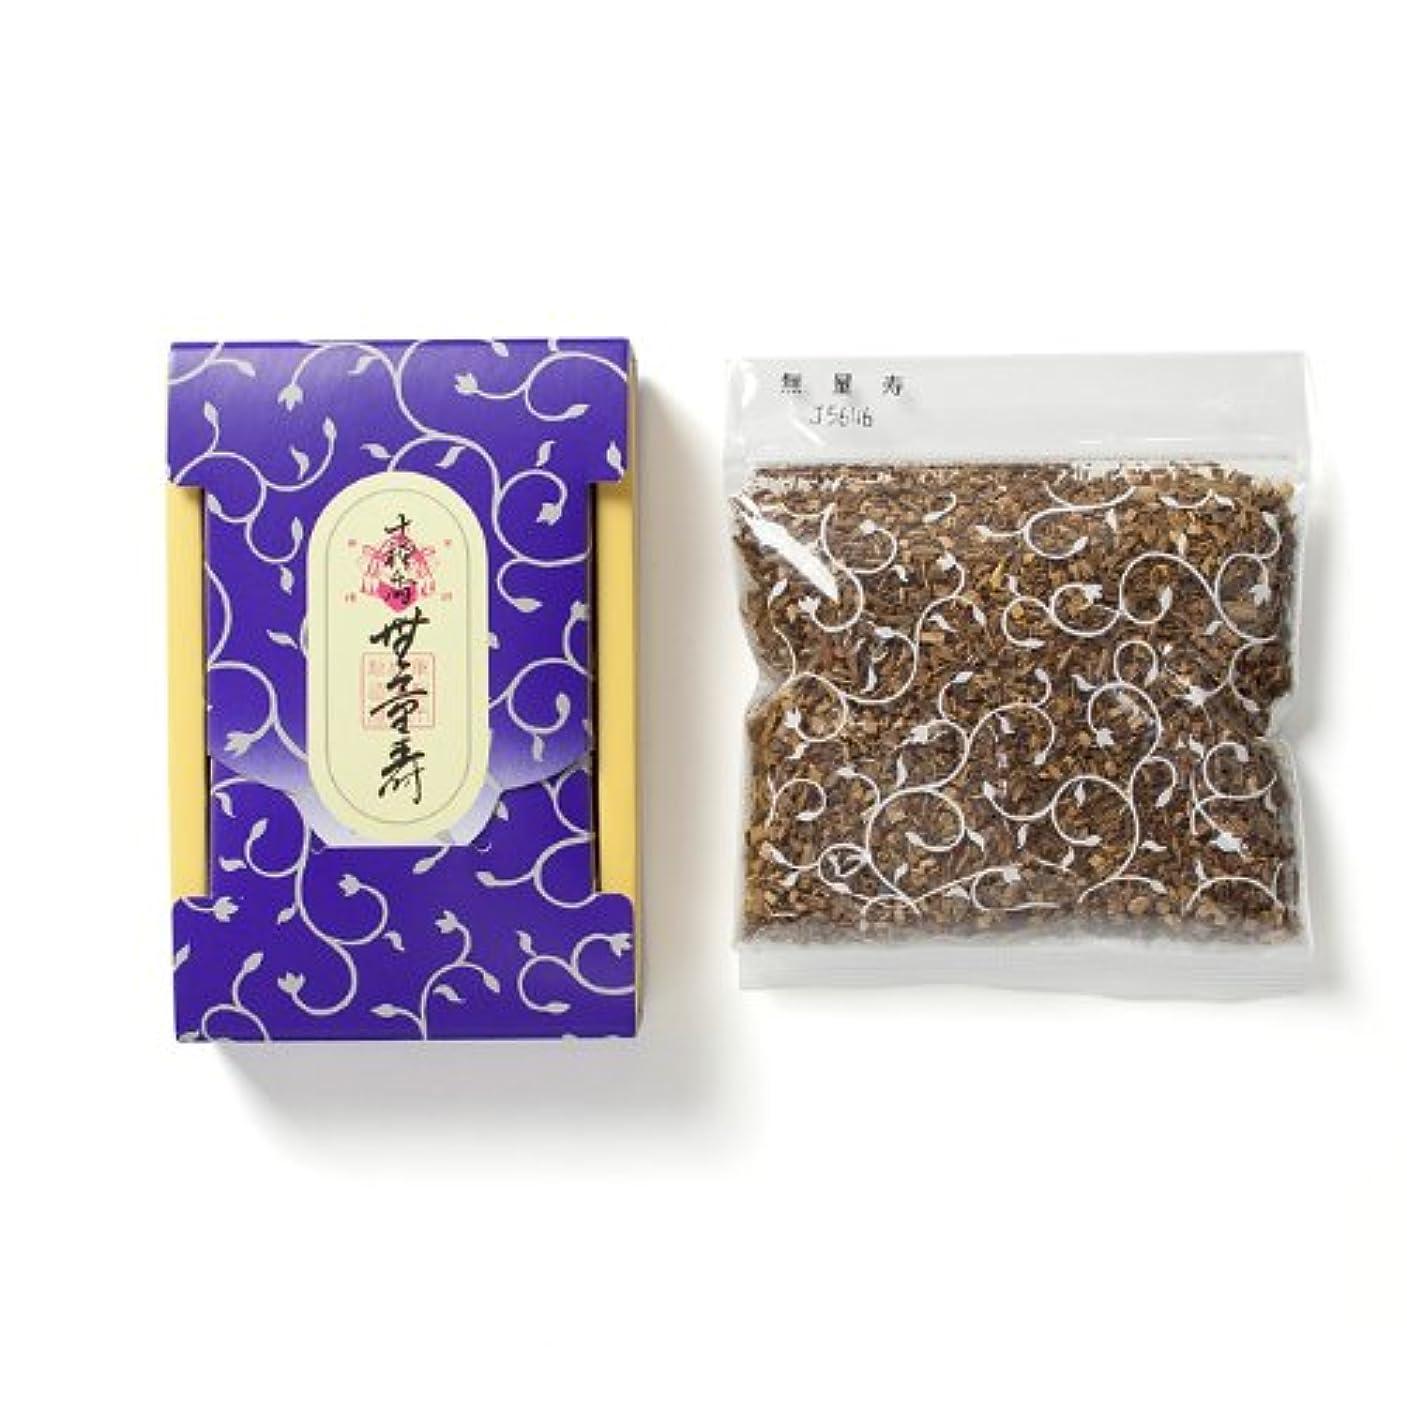 偽クスクスさようなら松栄堂のお焼香 十種香 無量寿 25g詰 小箱入 #410841